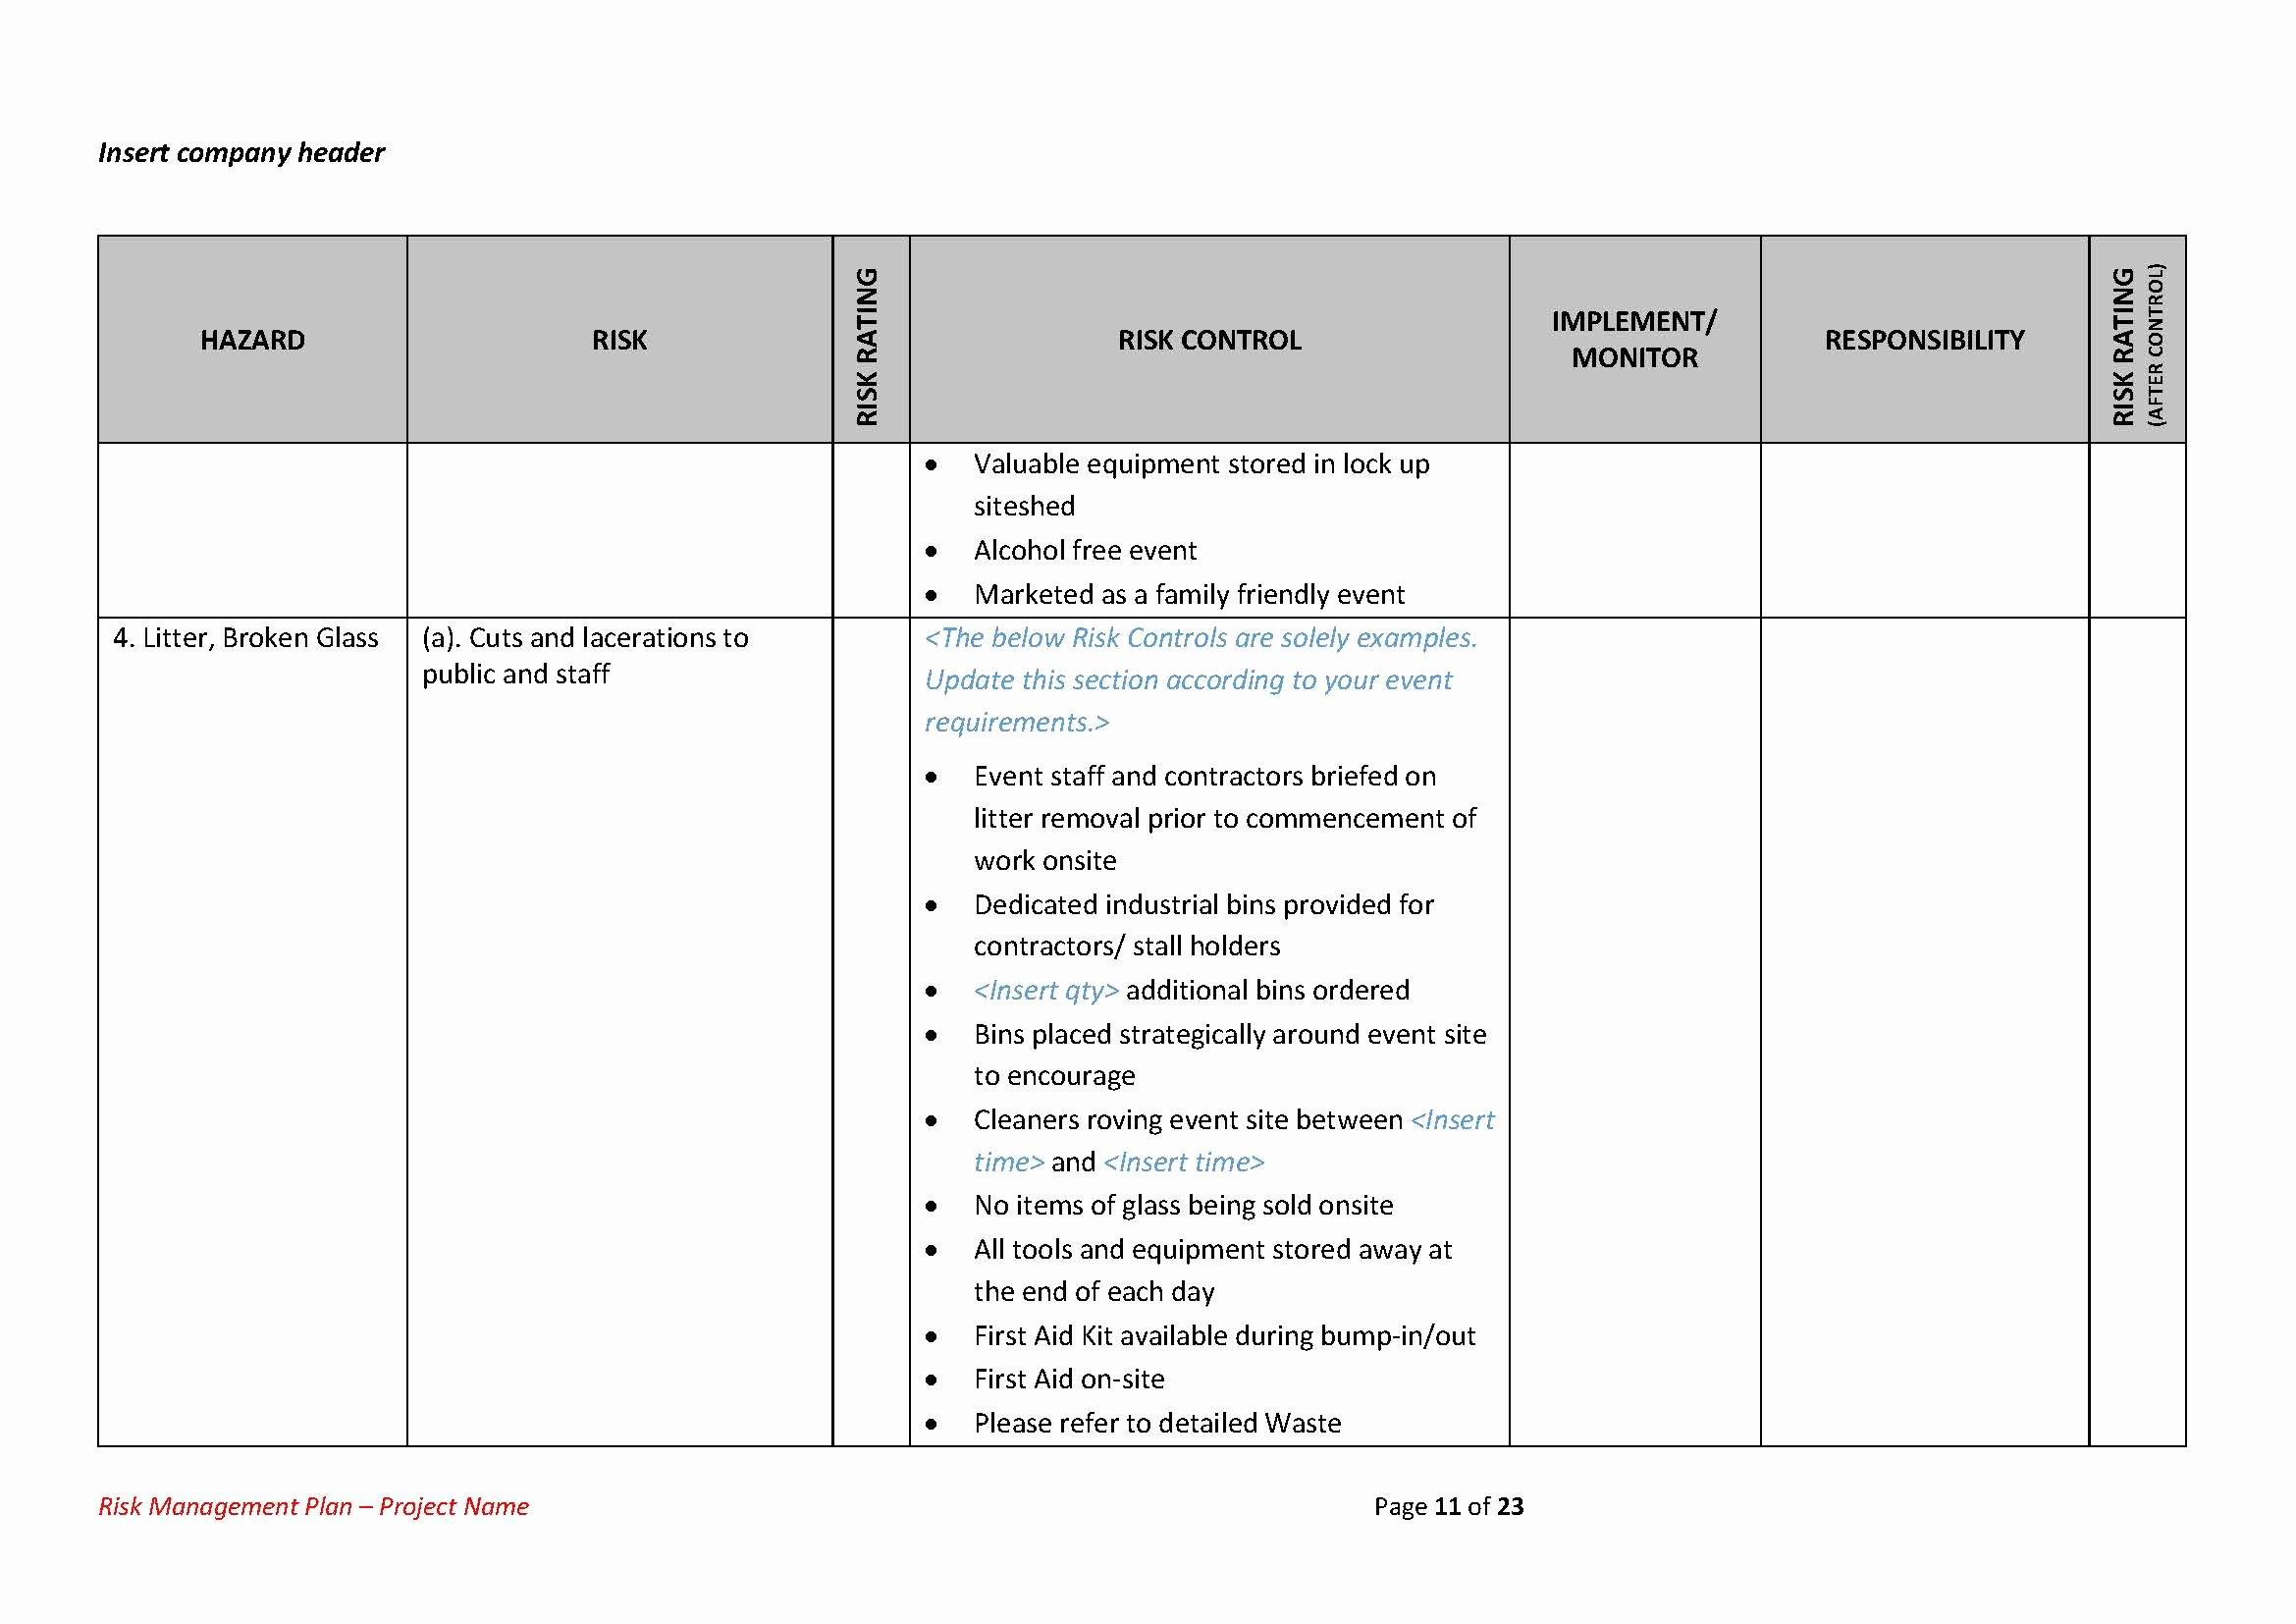 Risk Management Plan Template Doc Unique Risk Management Plan Template Easy to Use